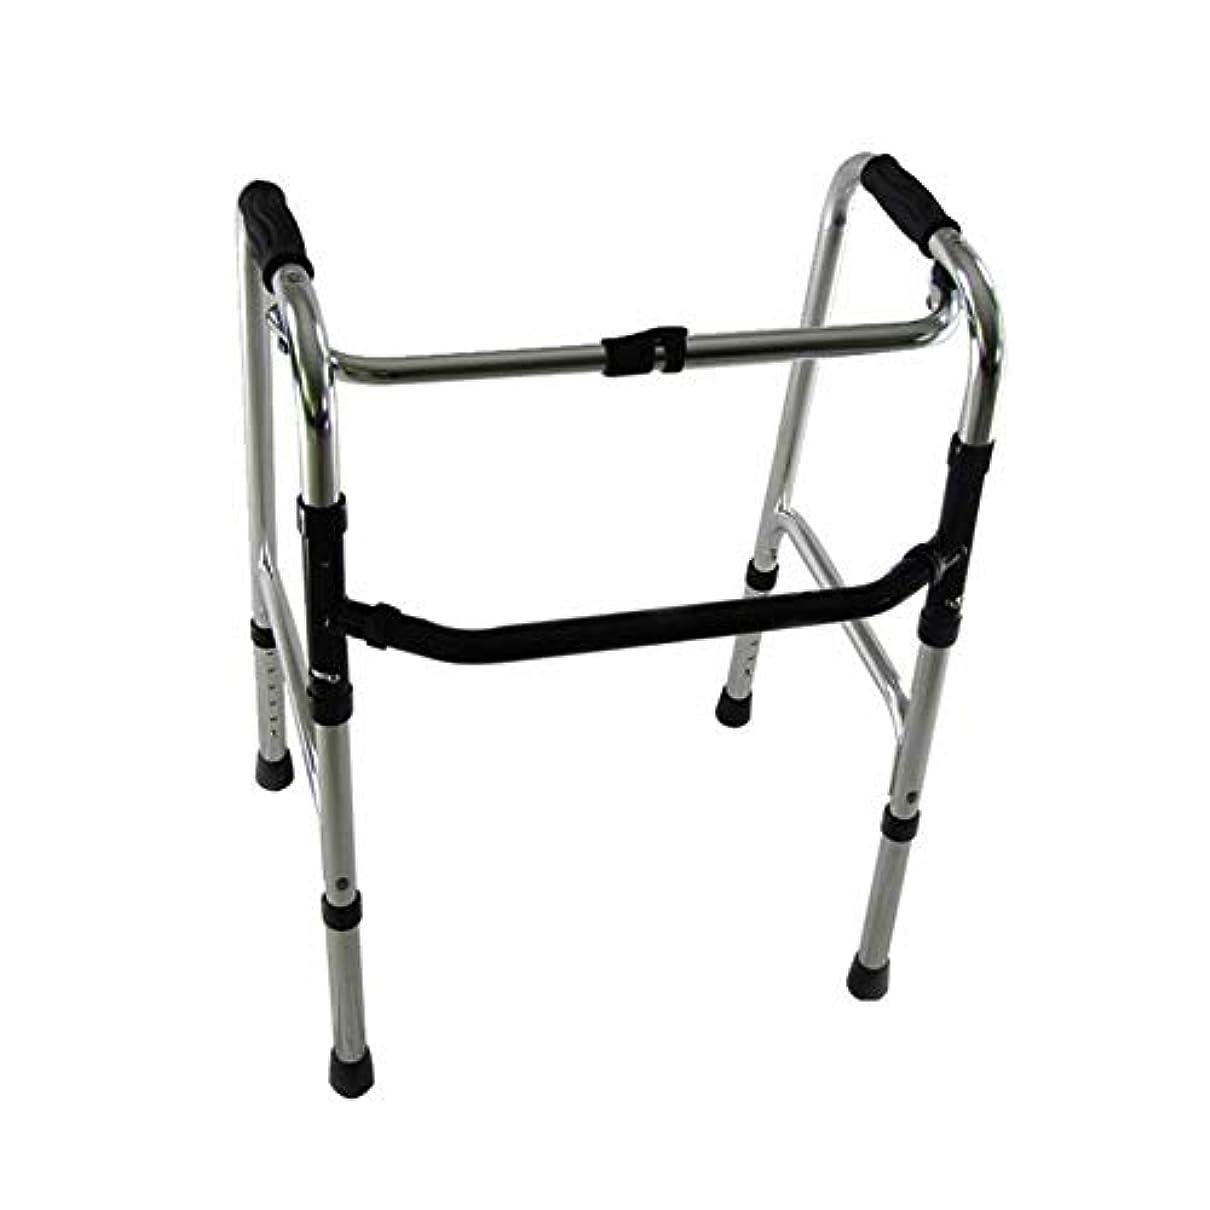 高齢者の障害者支援のために調整可能な軽量歩行フレーム折りたたみアルミニウムの高さ